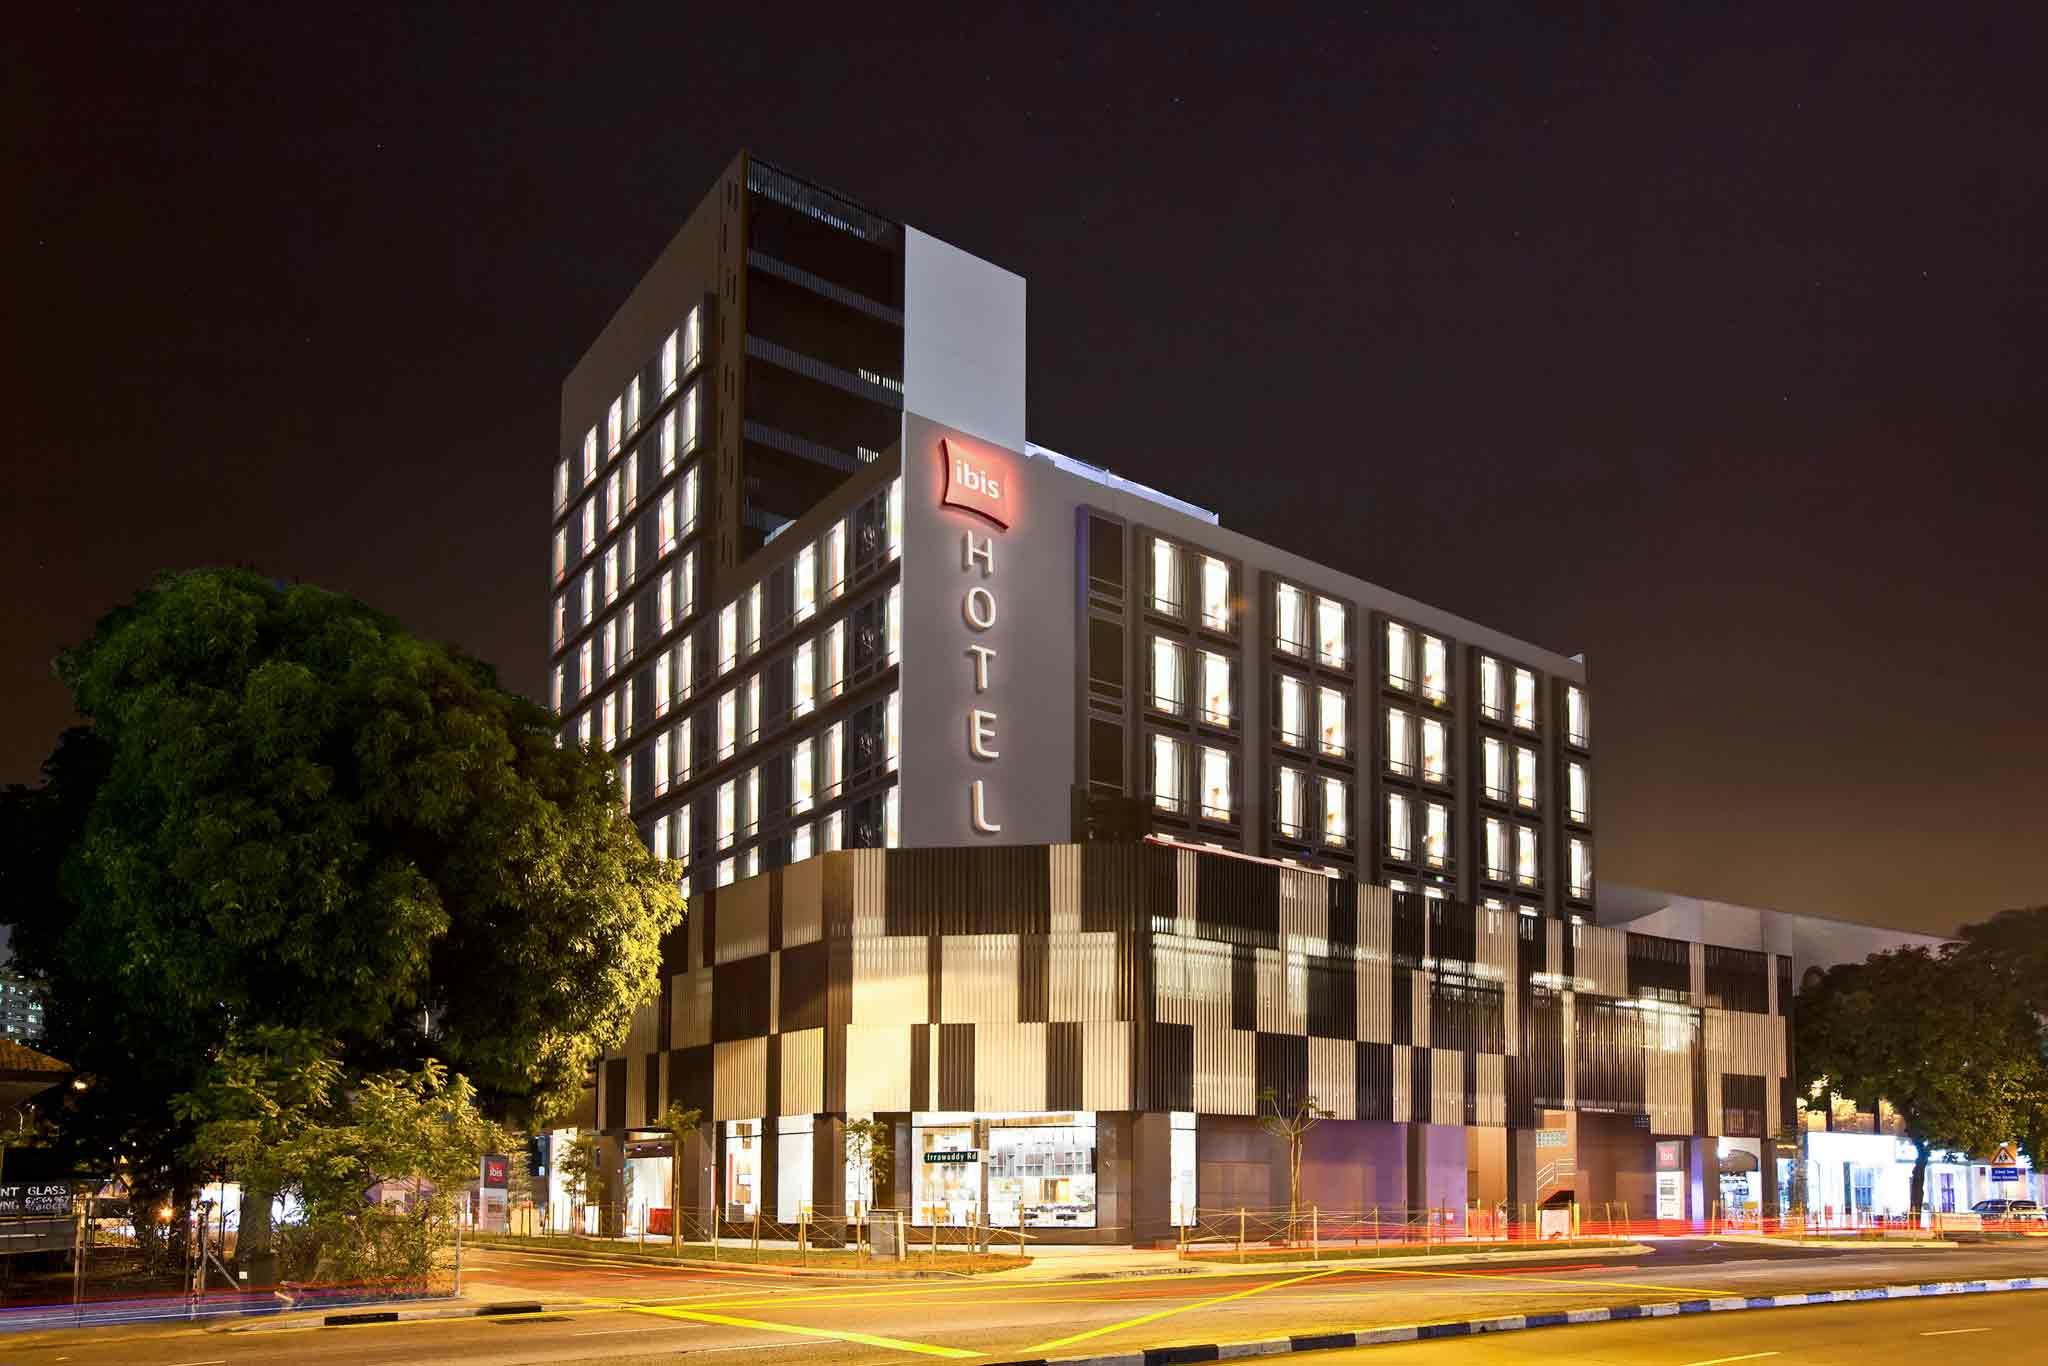 أكور تفتتح 13 من فنادق ibis ذات الميزانية المحدودة في سنغافورة